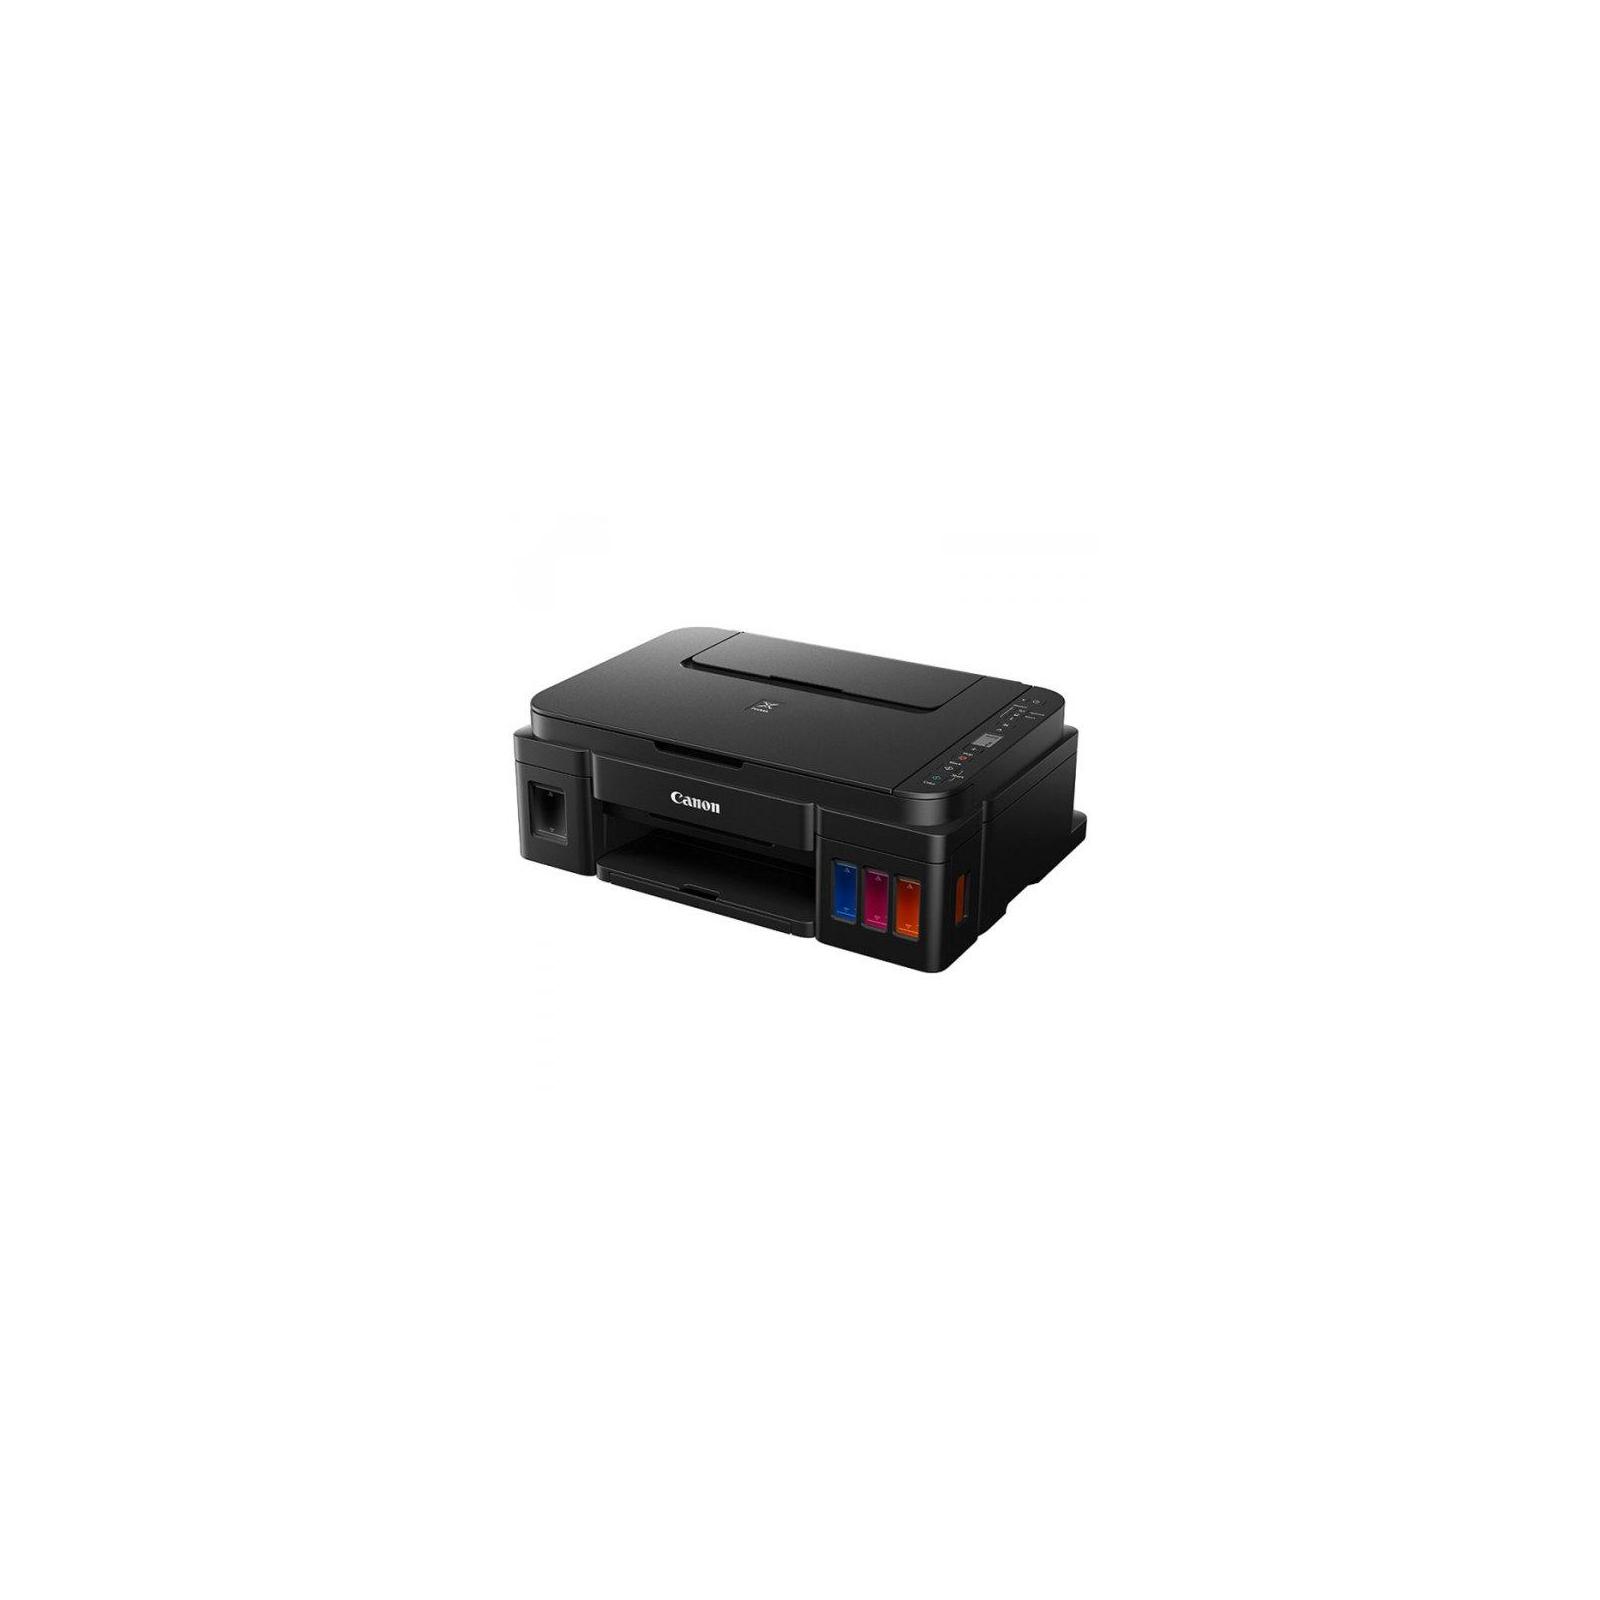 Многофункциональное устройство Canon PIXMA G3411 (2315C025) изображение 4